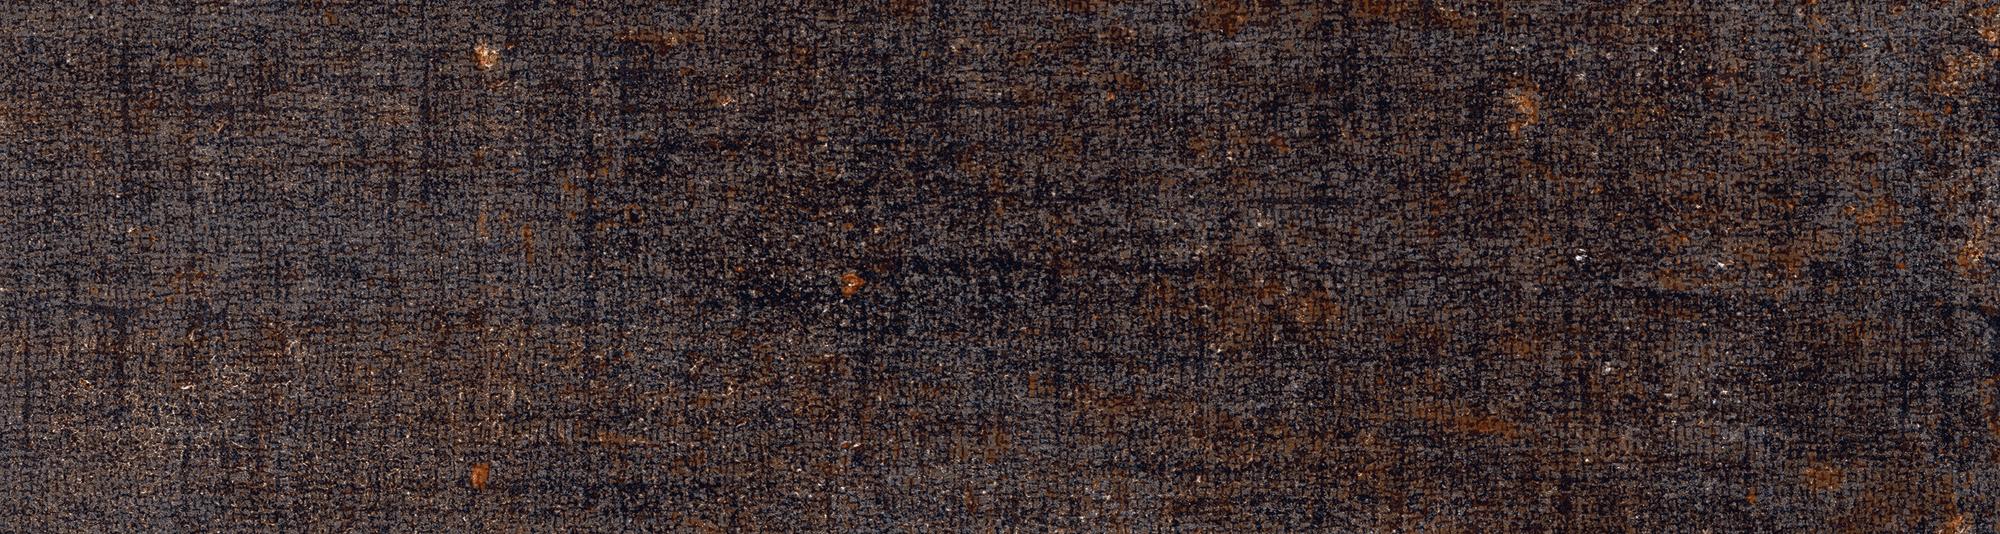 Dark (Anthracite)  Matte | MC.MR.DRK.0312